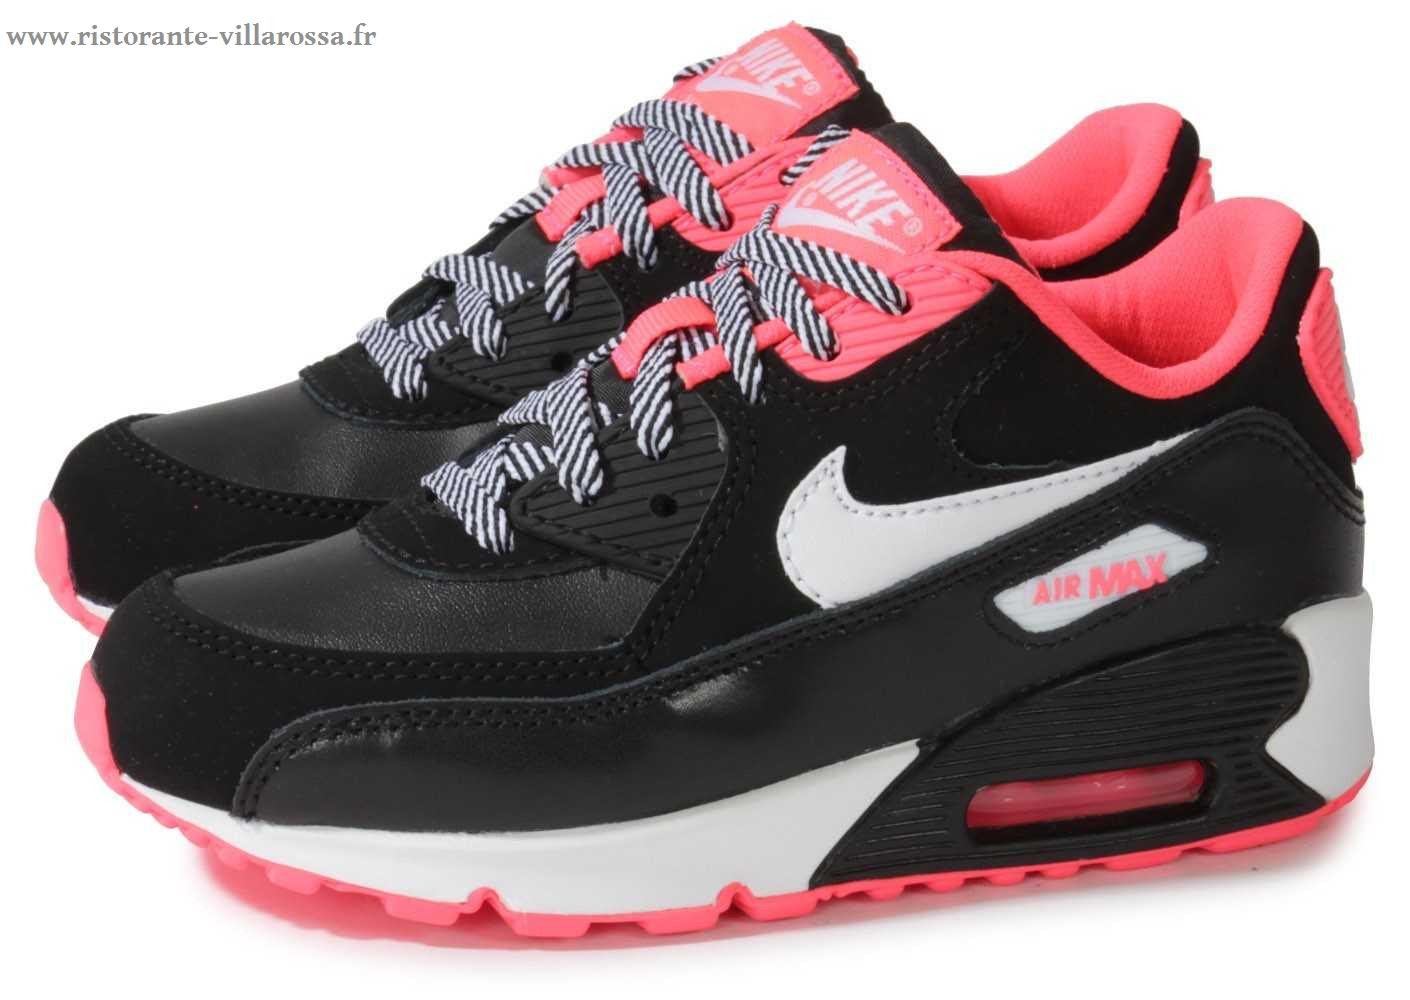 the best attitude 8450d 34472 Nike Max Pour Pour Garcon Nike Nike Garcon Max Air Air R5L4Aj